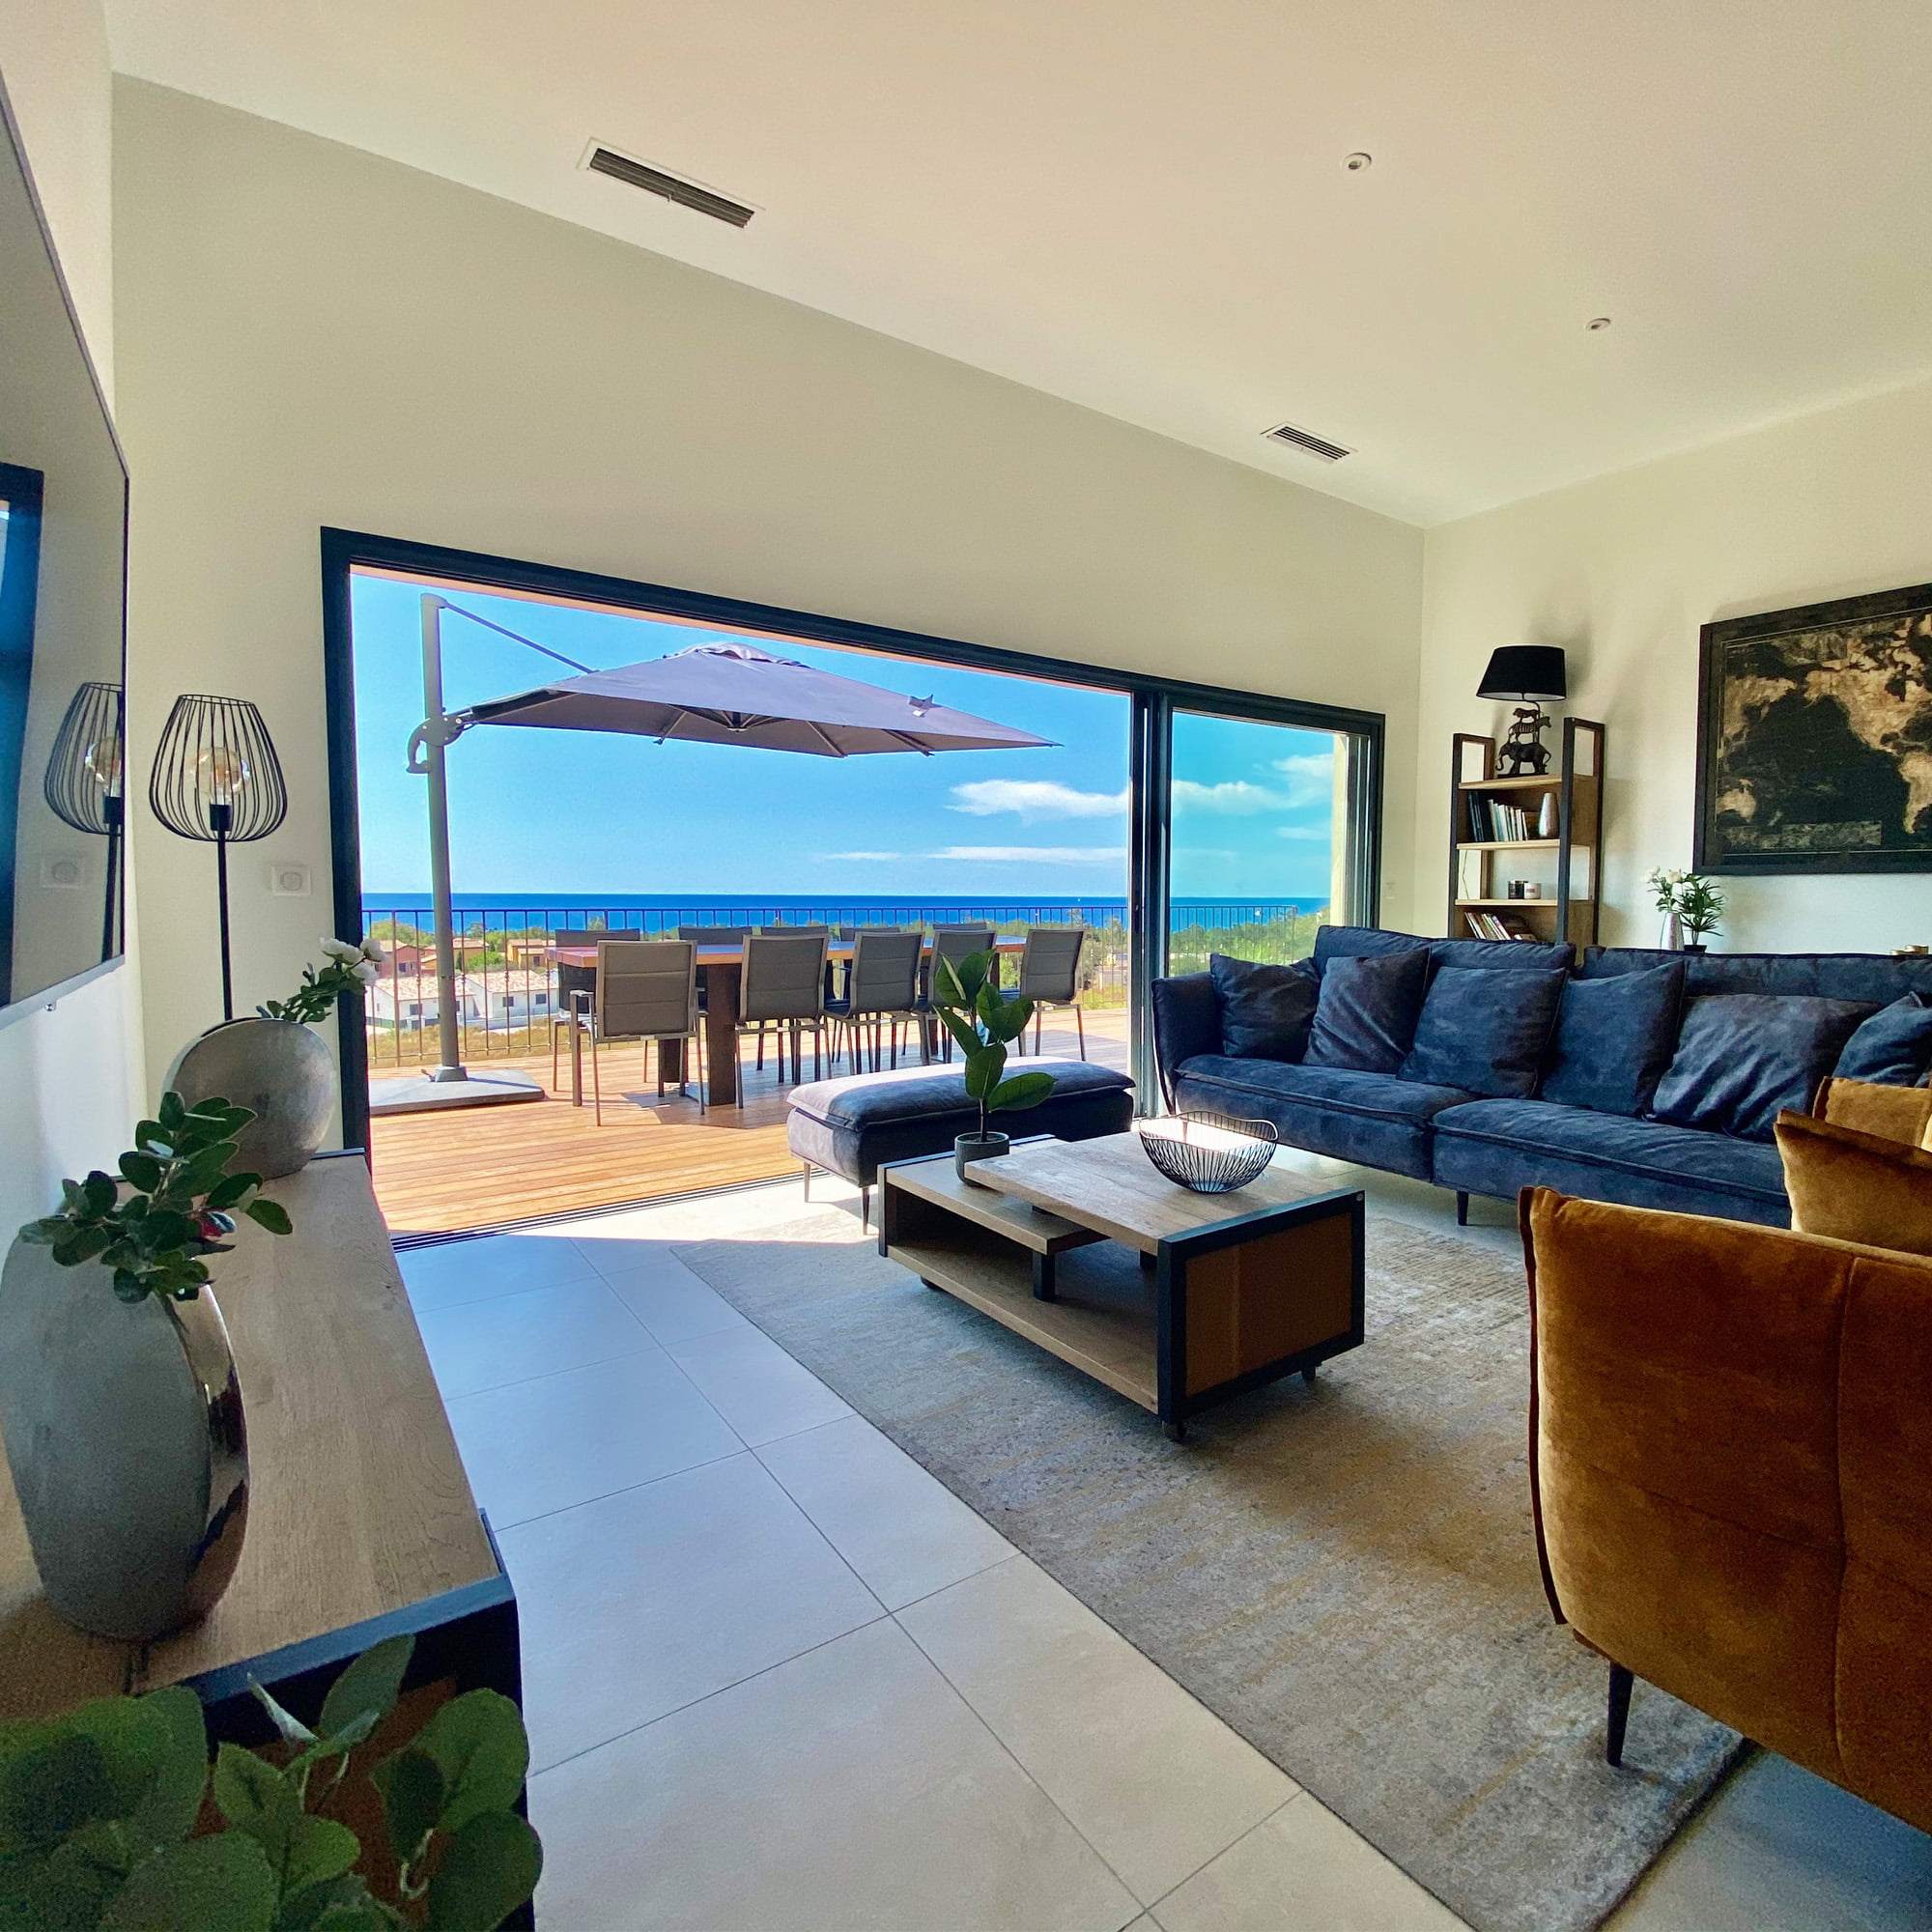 Villa corse agencement interieur salon vue mer ls studio architecte intérieur vannes